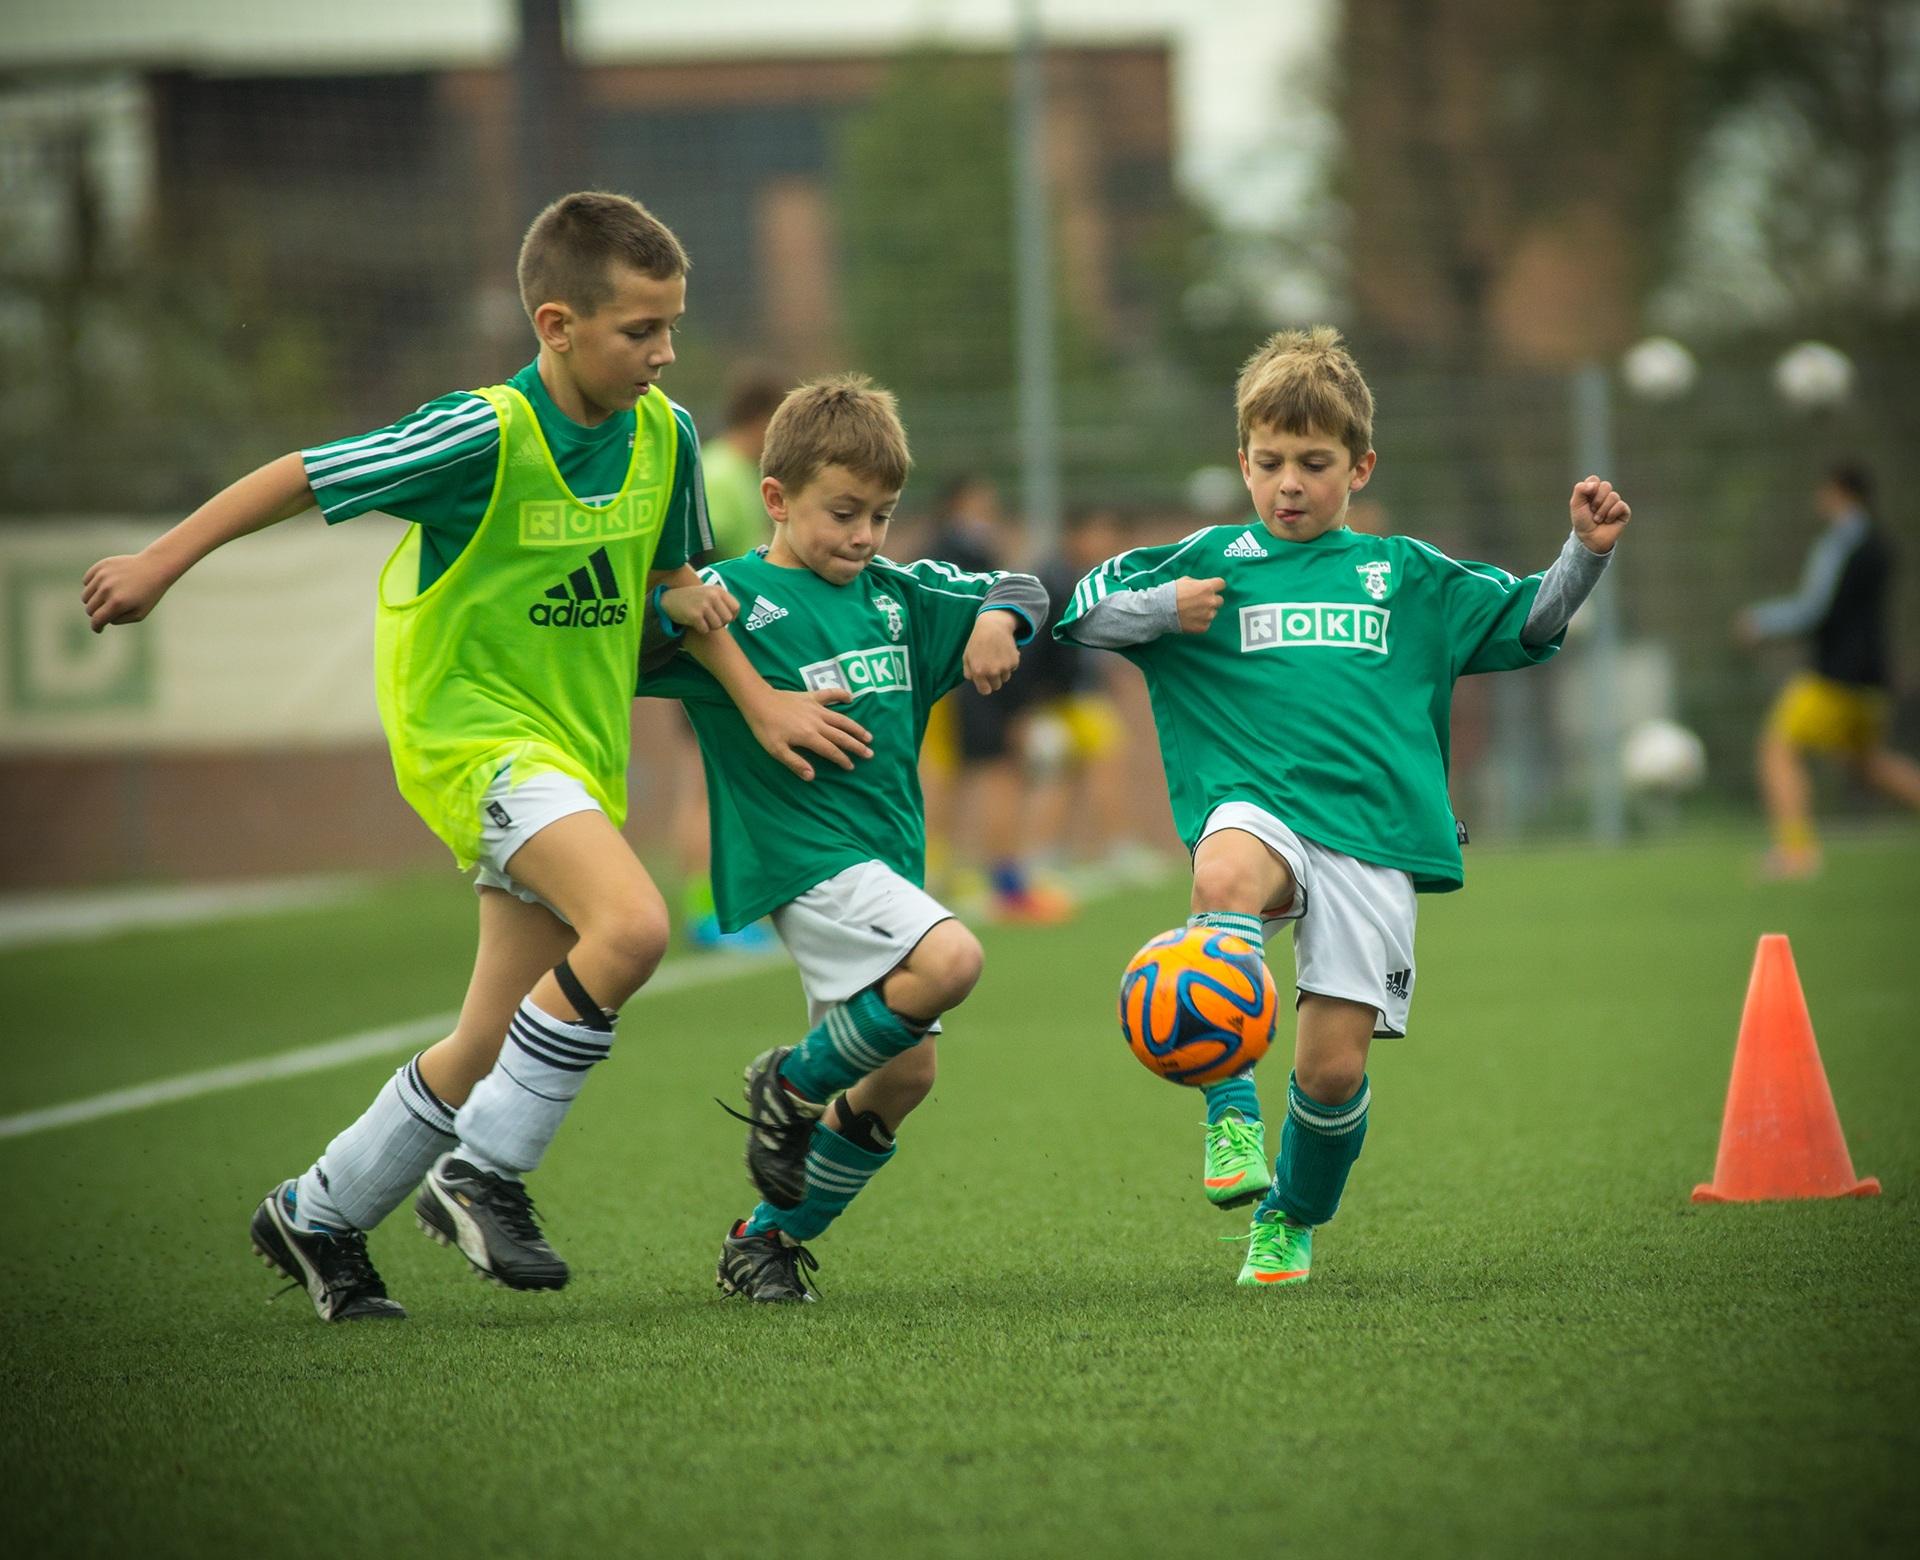 аренда классные фото с детьми футболистами фотошоп